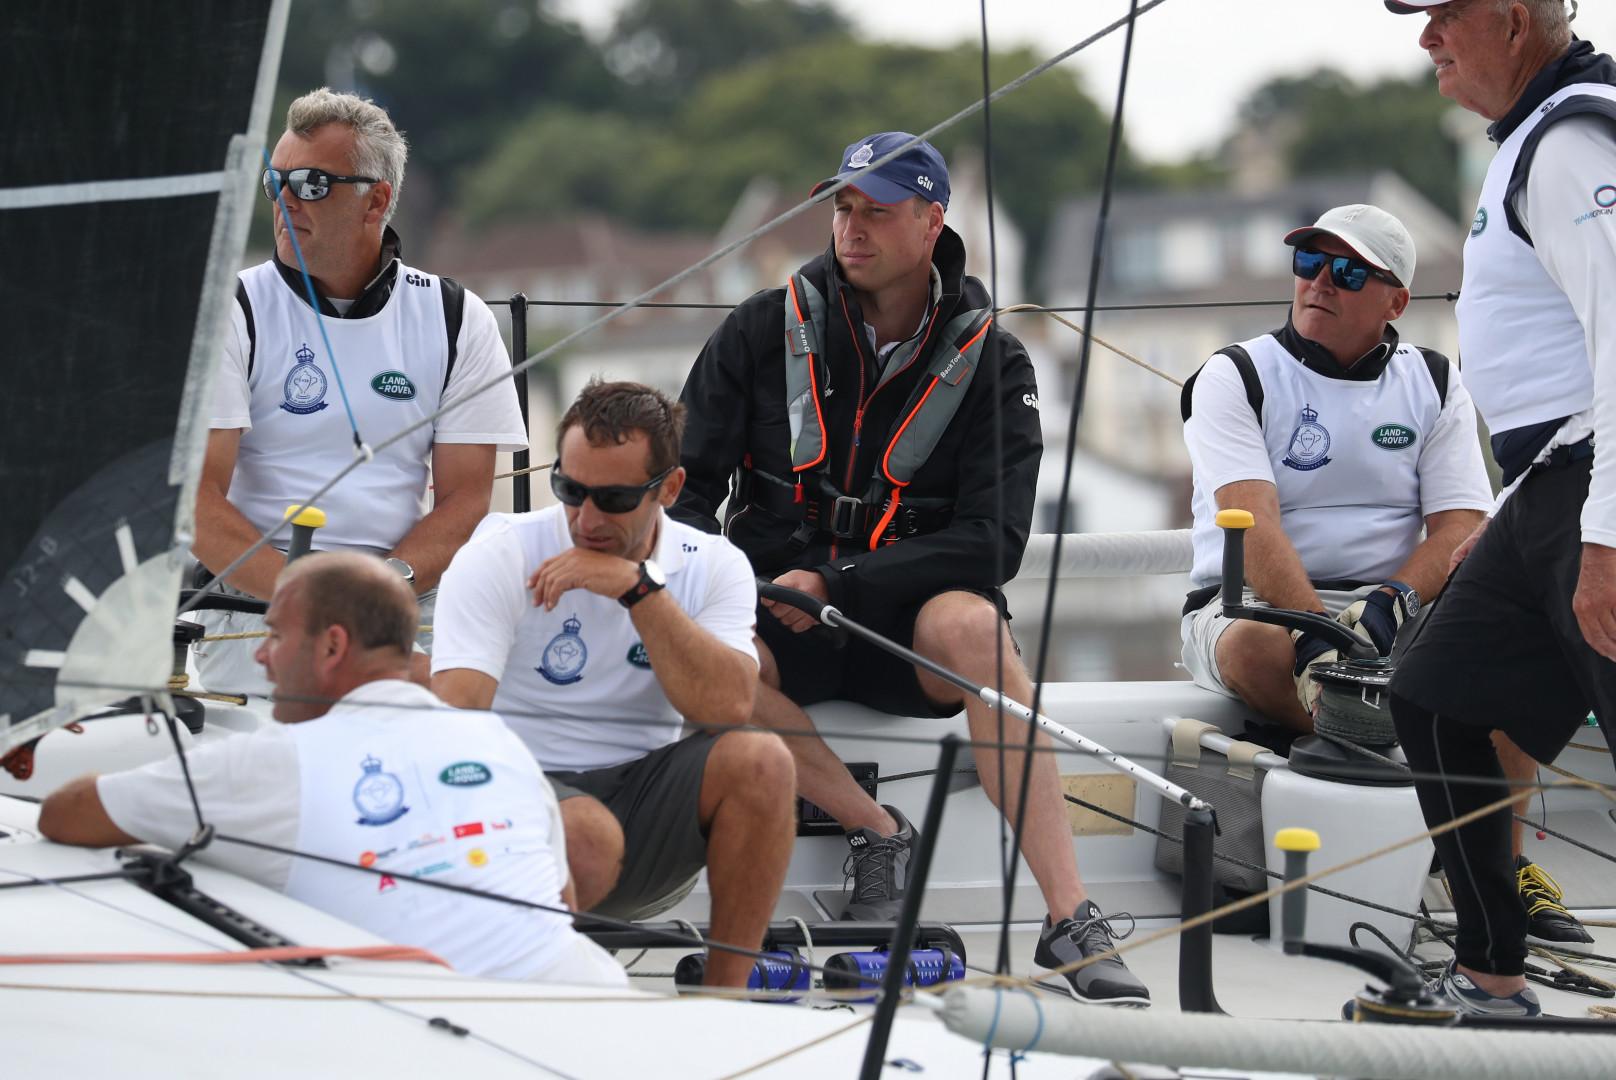 Le prince William entouré des skippers sur la régate de la course